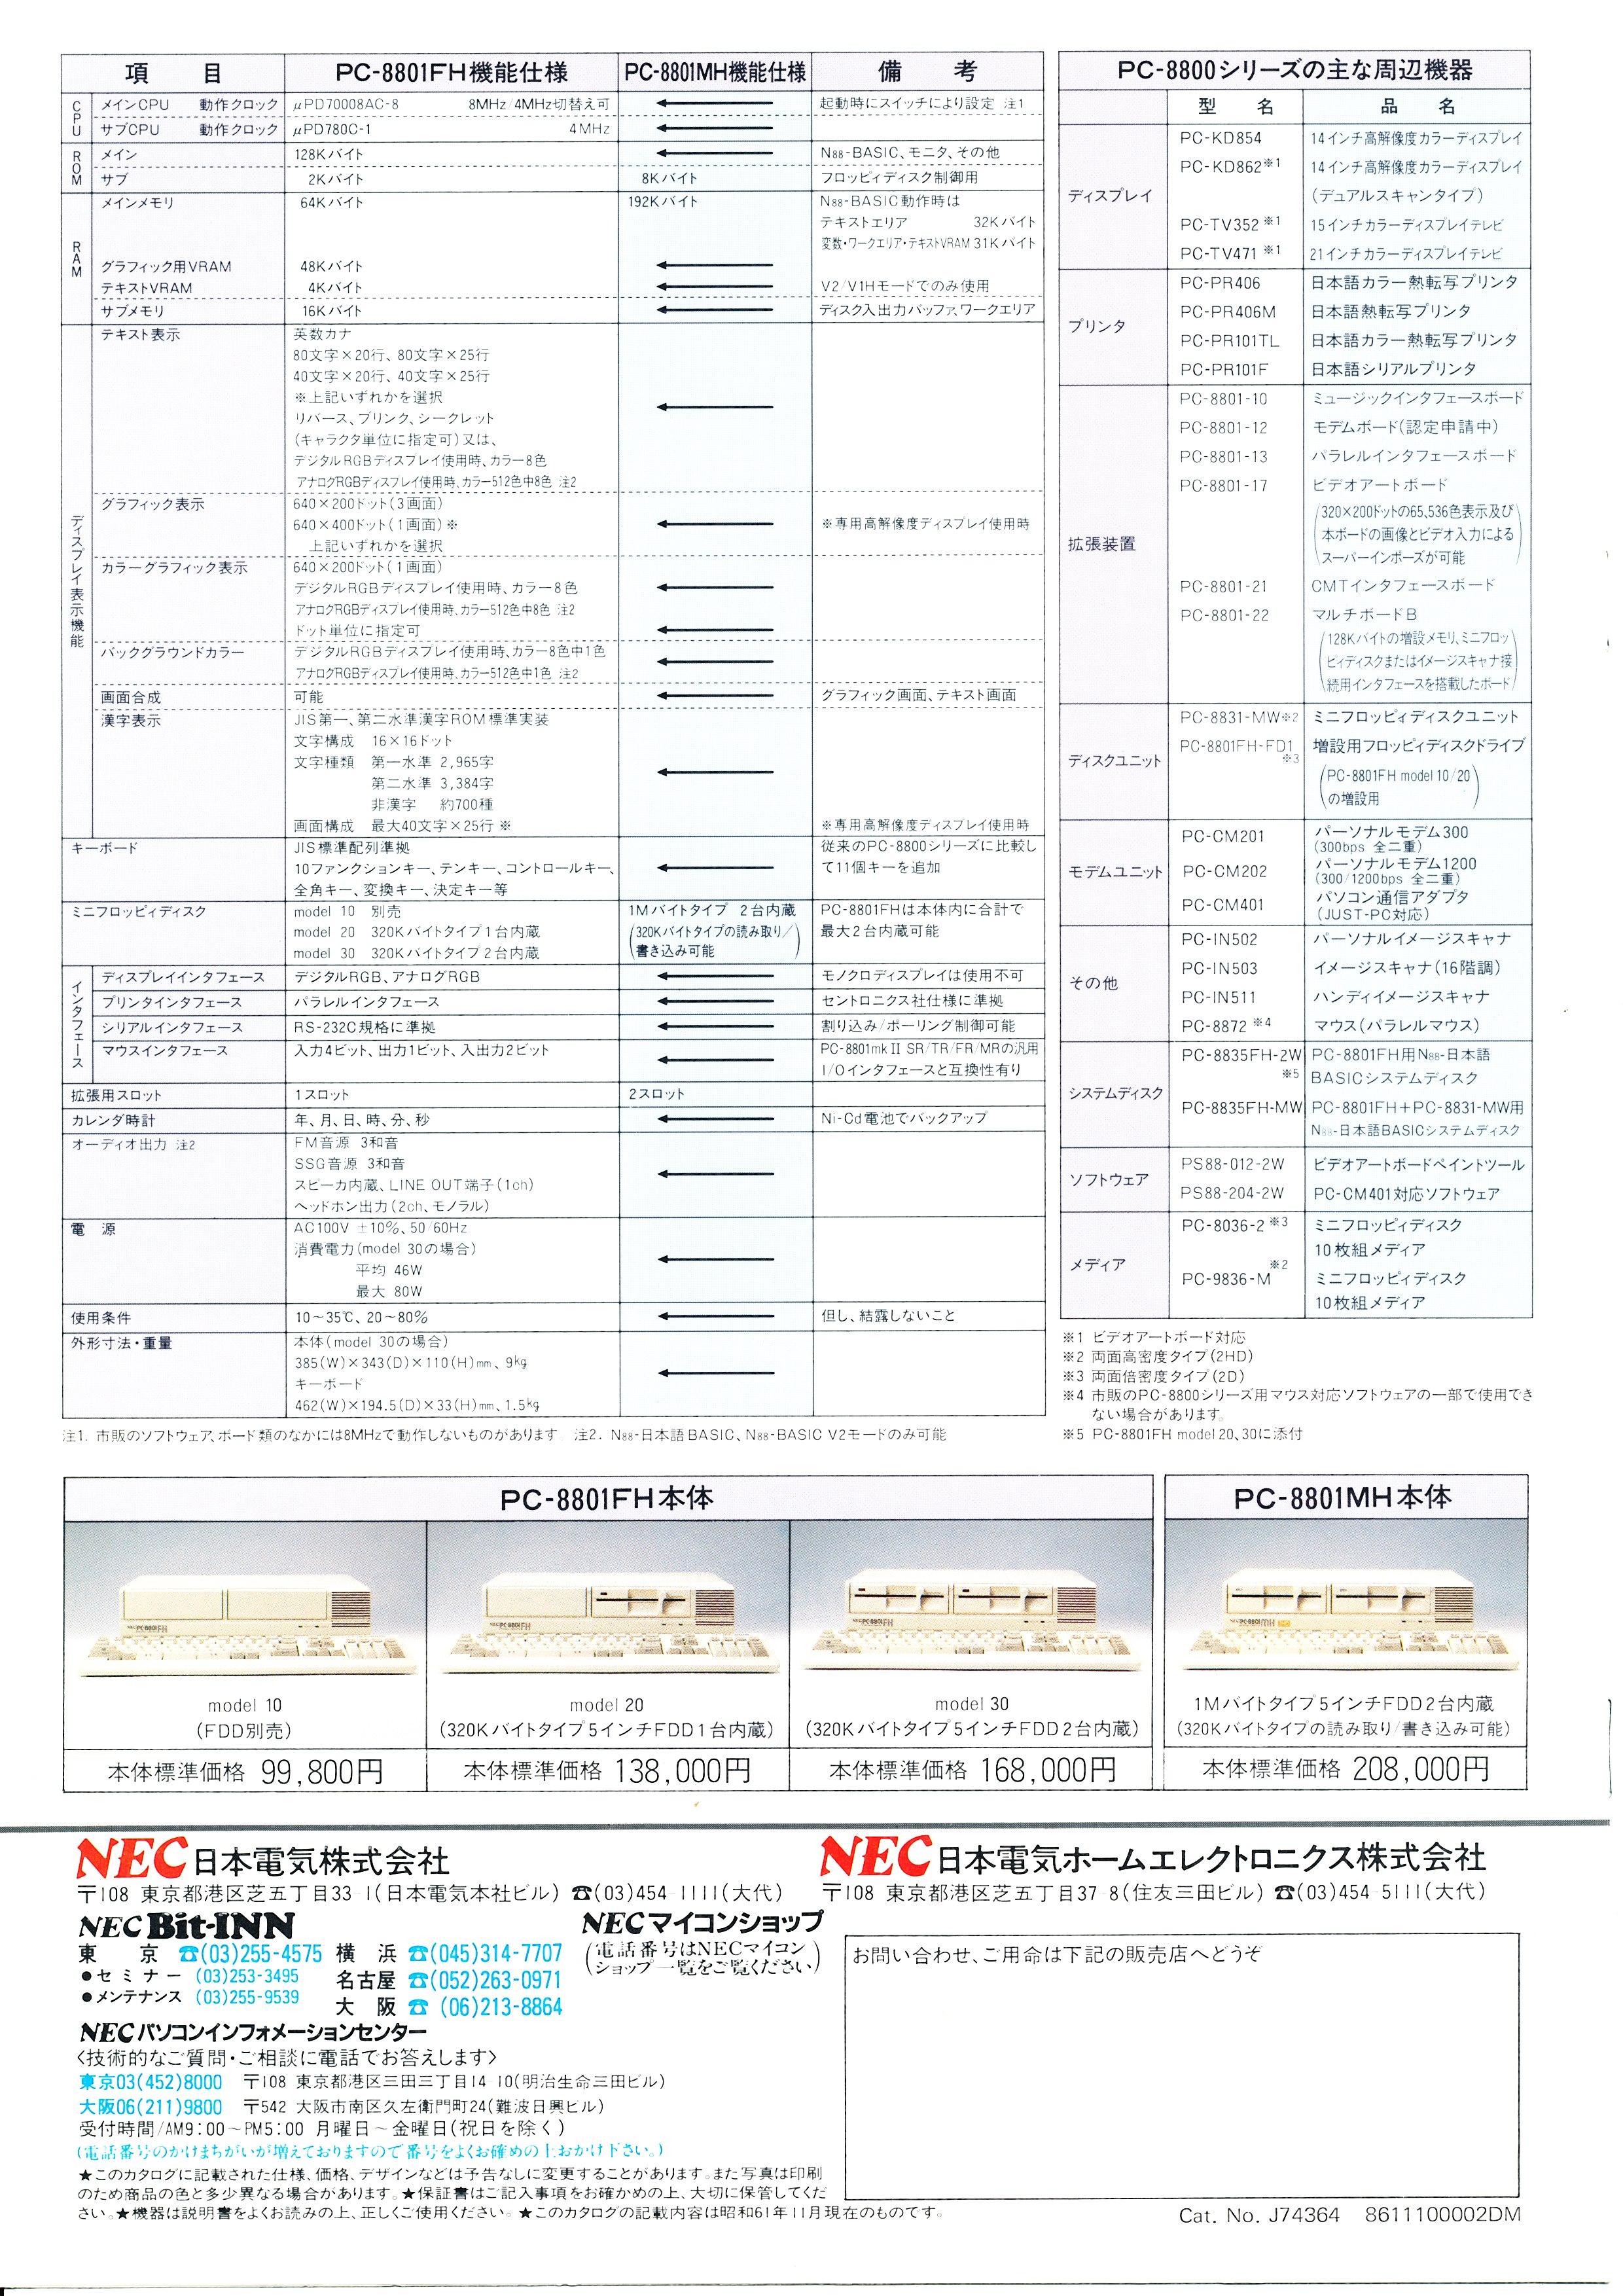 PC-8801MH/FH P8